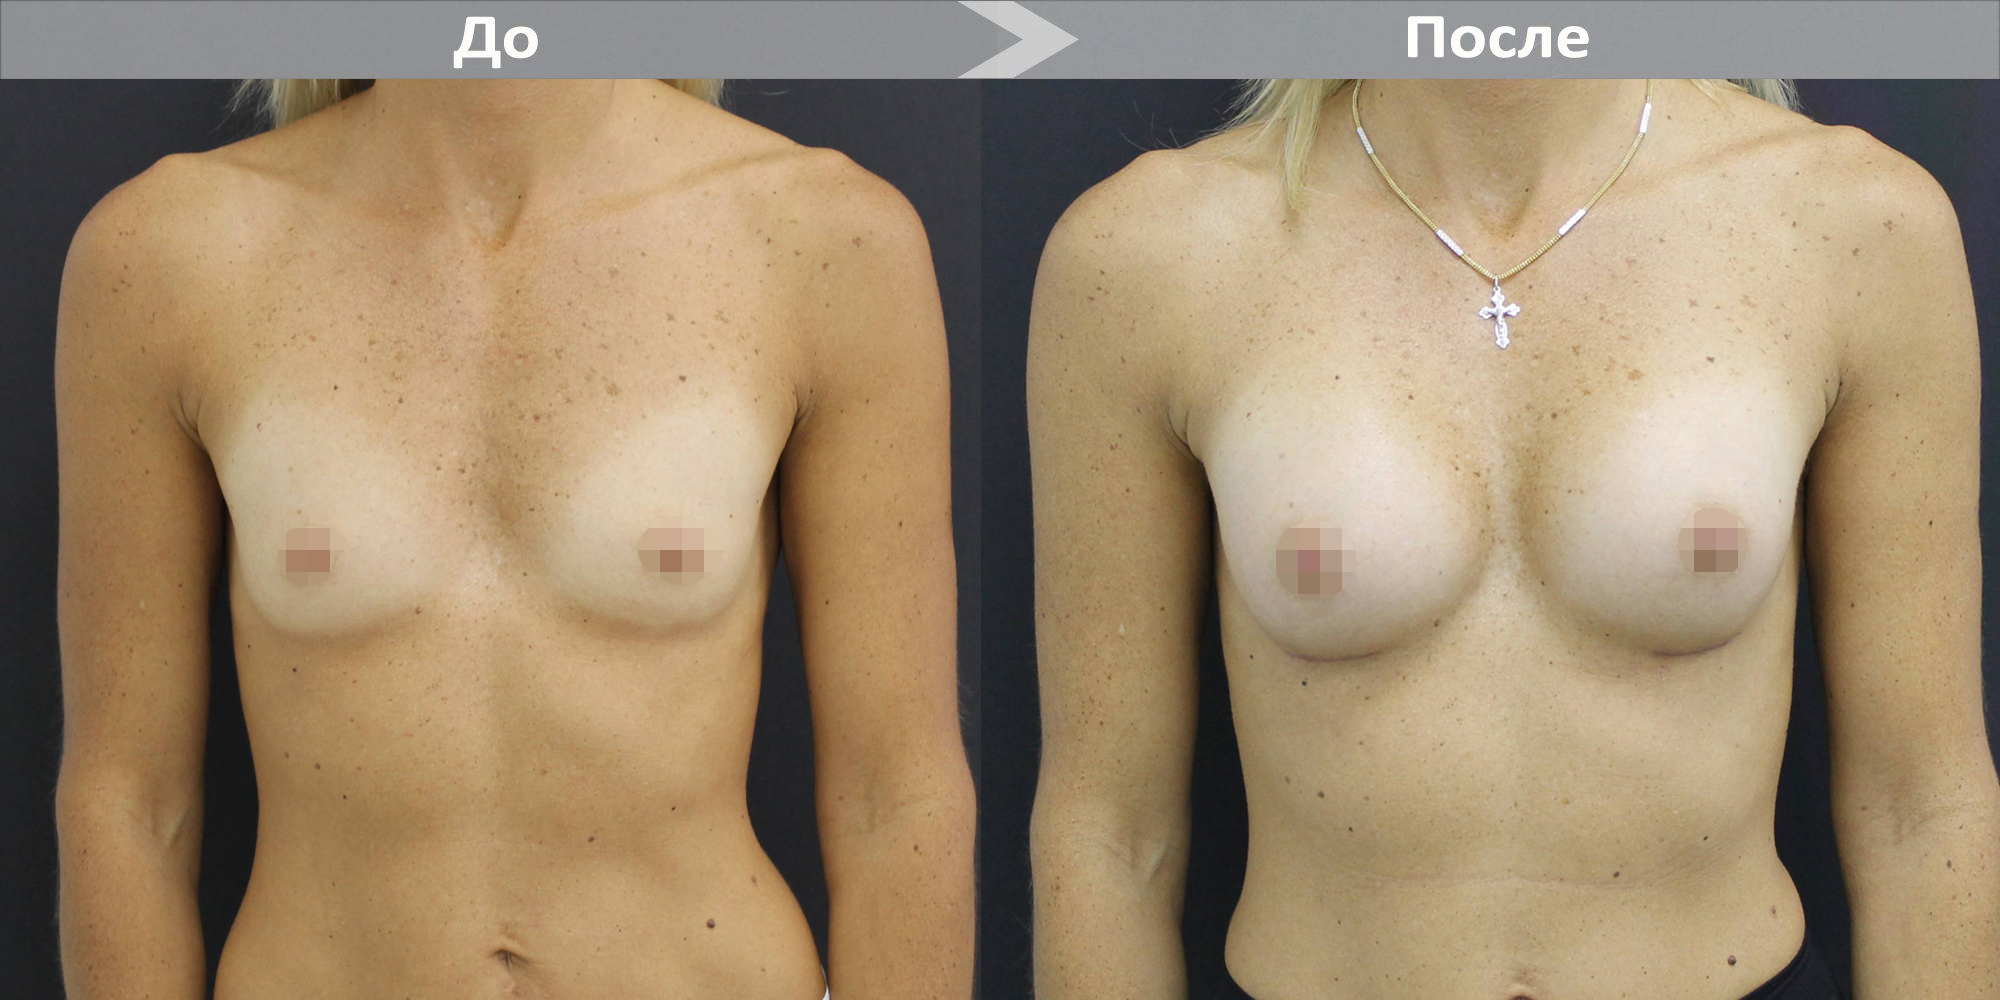 Фото до и после увеличения груди имплантами Motiva №3